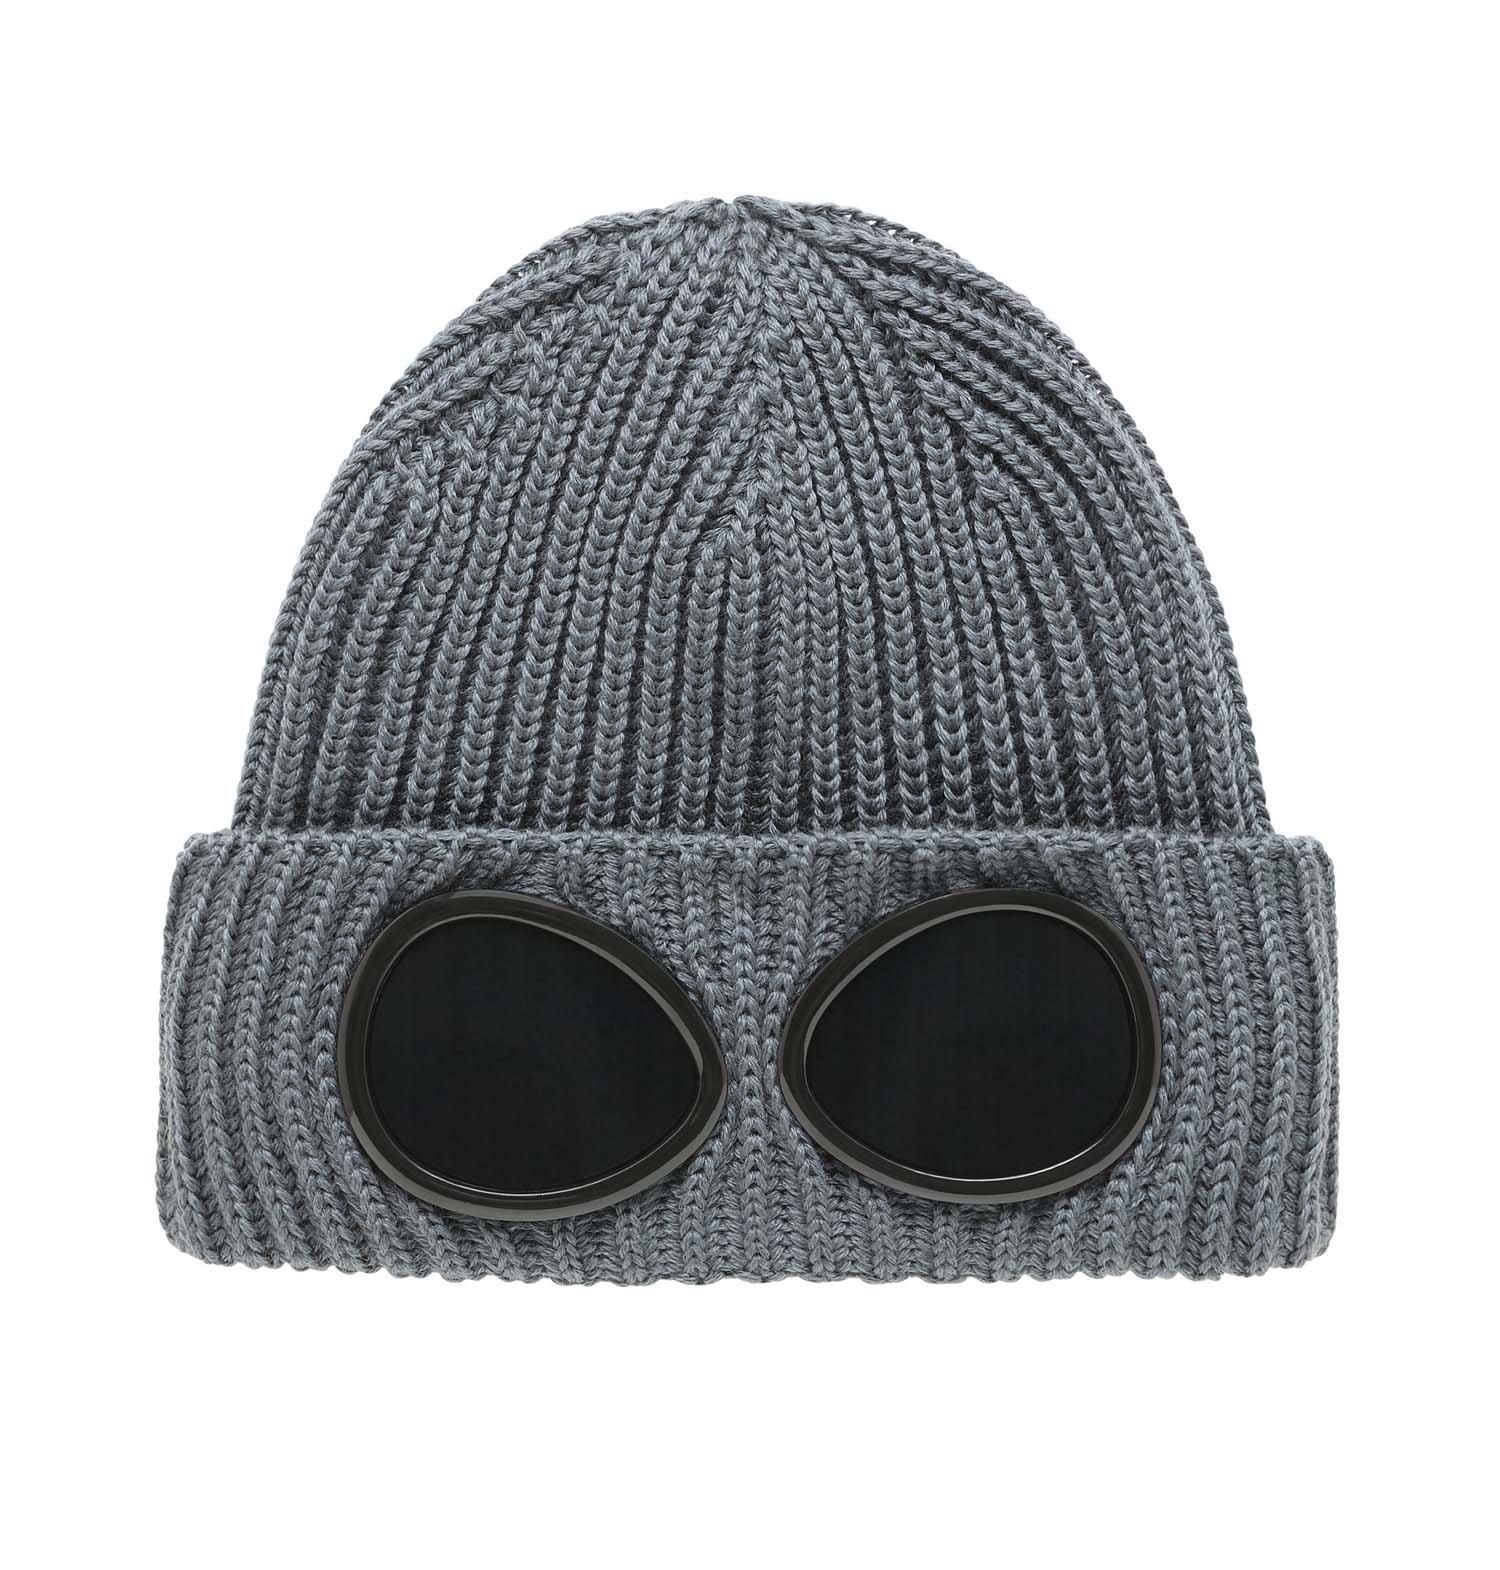 28f557575fe Merino Wool Goggle Beanie Hat